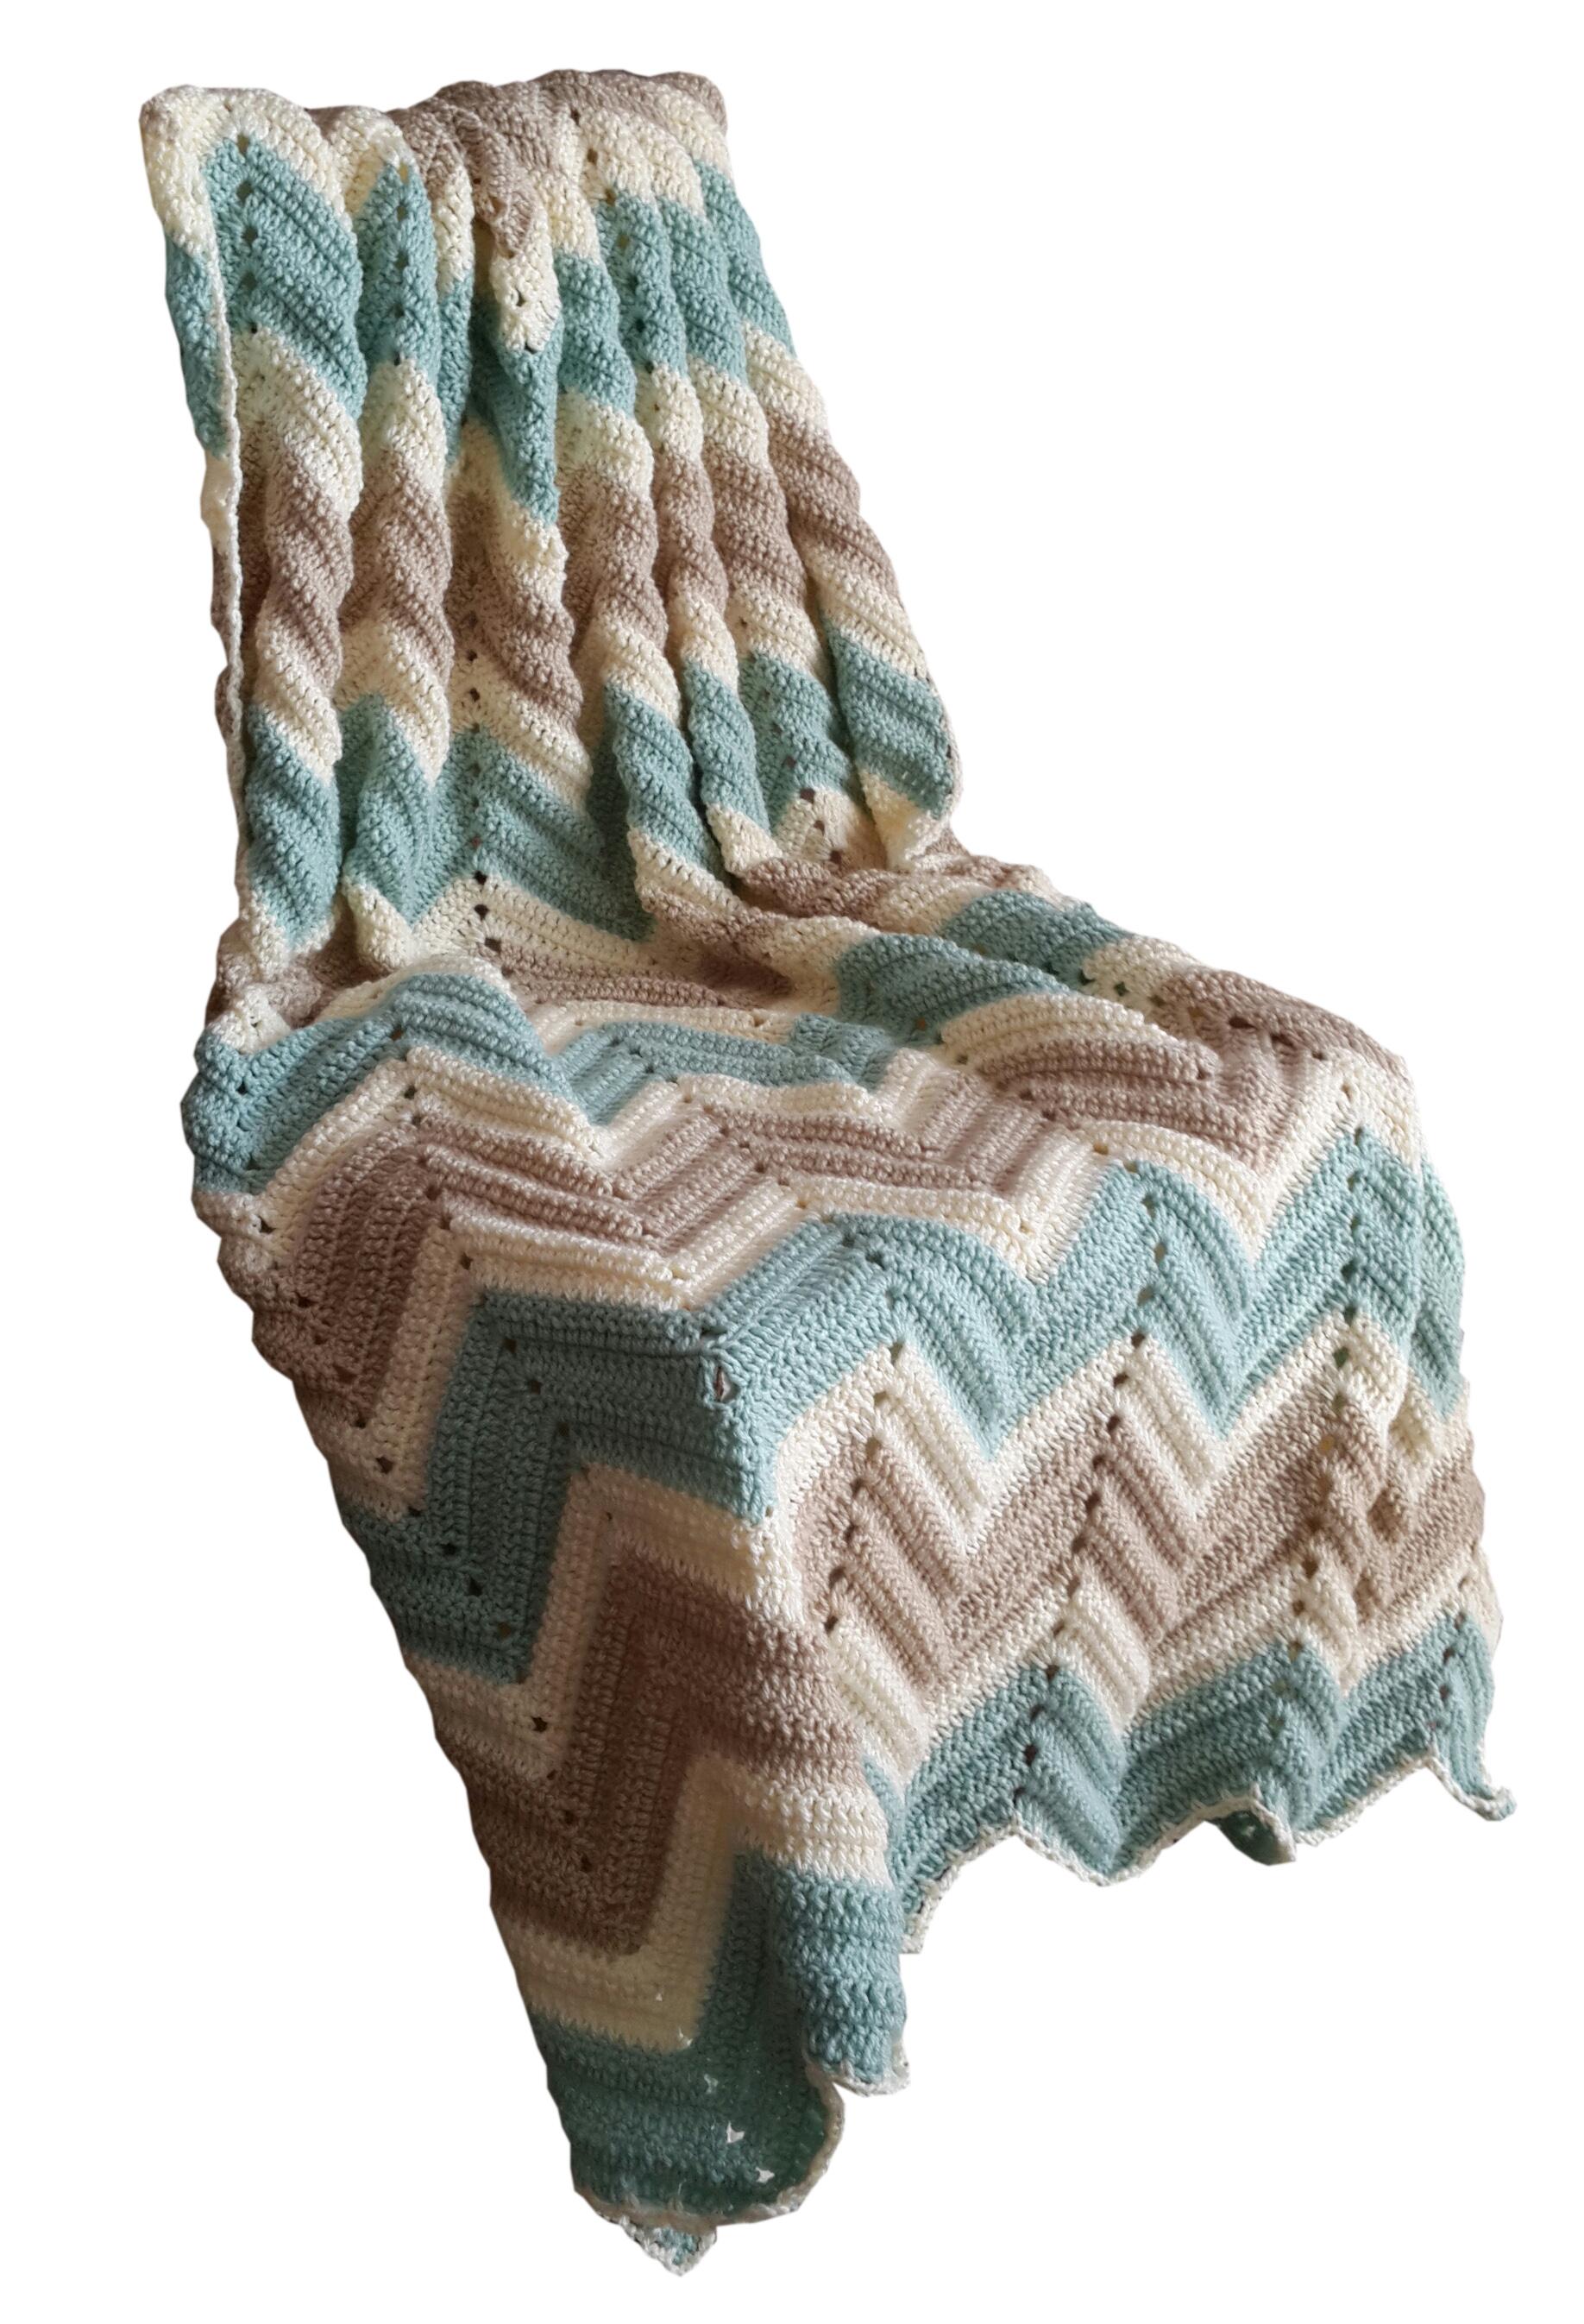 Vintage Look Zig Zag Crochet Blanket In Snomoon Duck Egg Cream